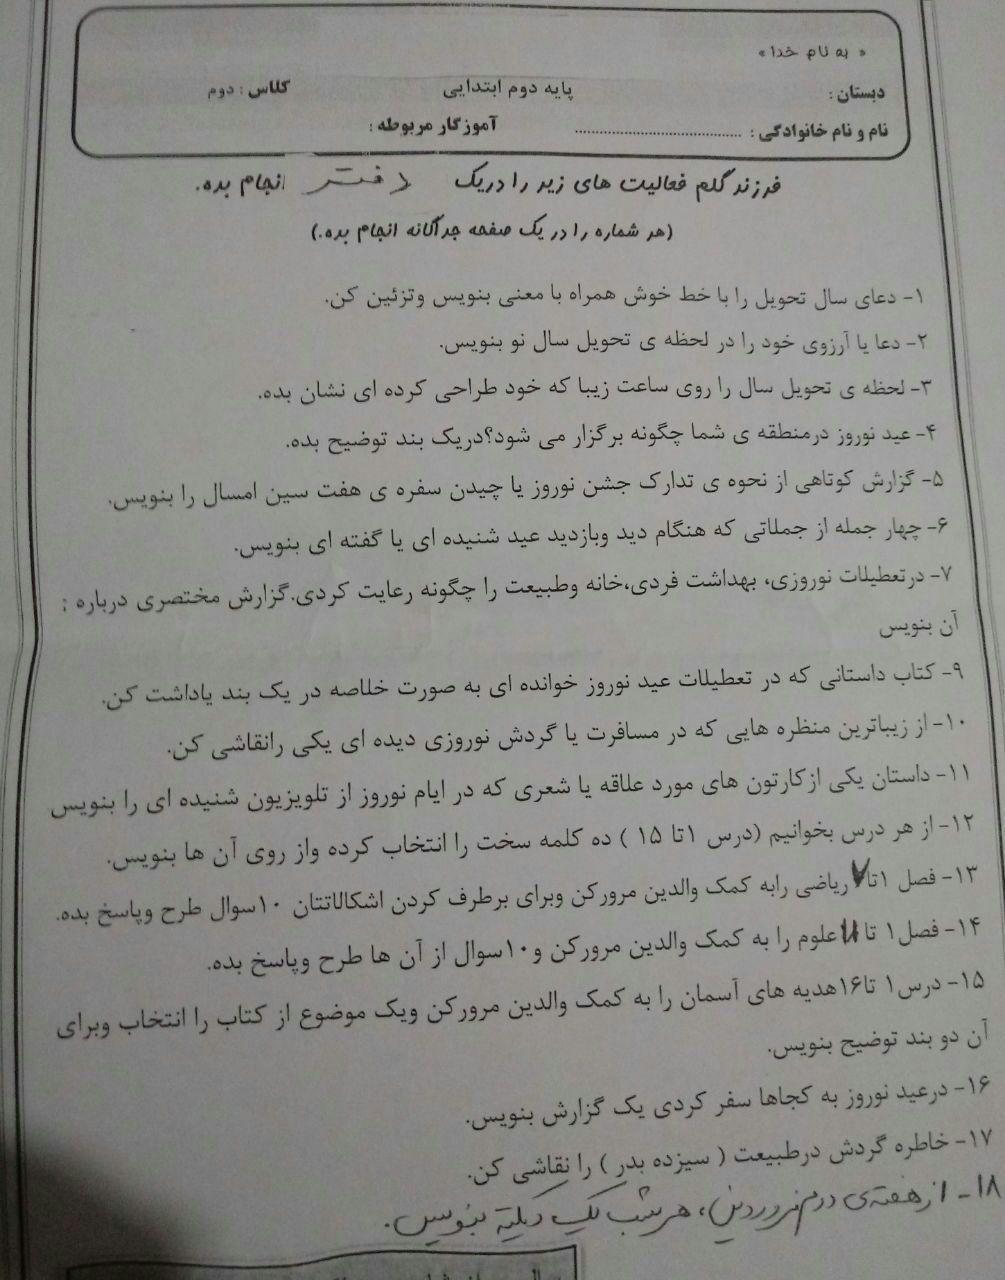 نوستالژی که از برنامه درسی دانش آموزان جدا نمی شود/ چالش اجرا برای طرح داستان نویسی